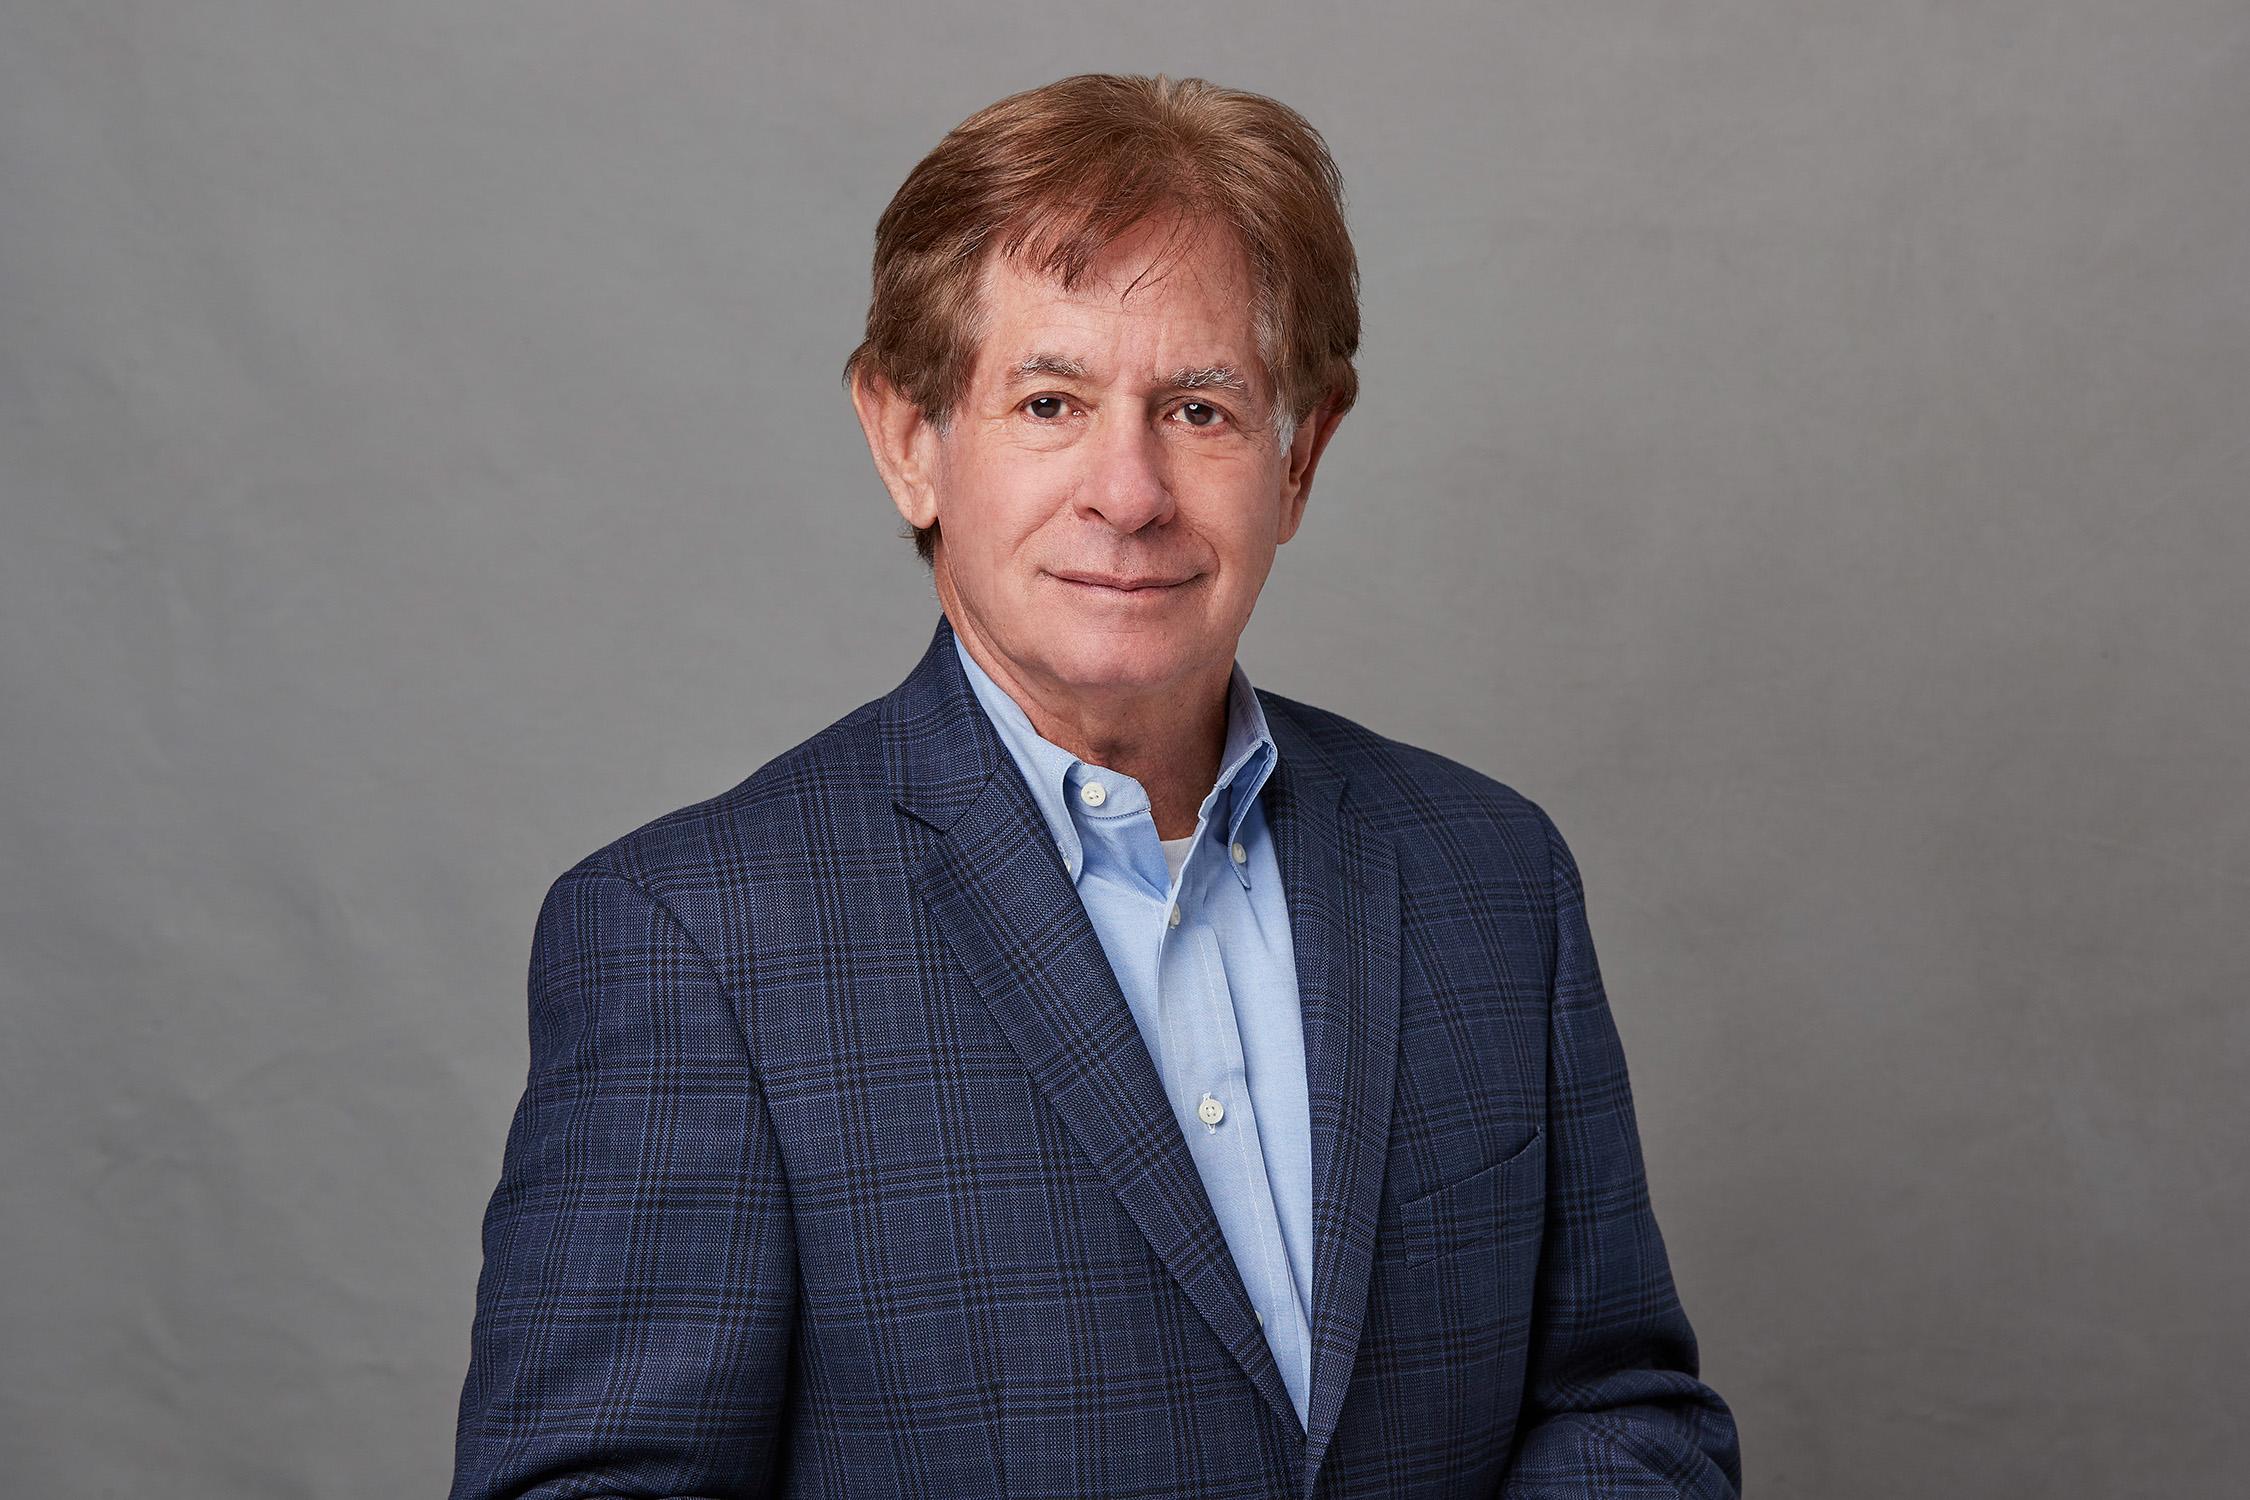 Jim Barrasso